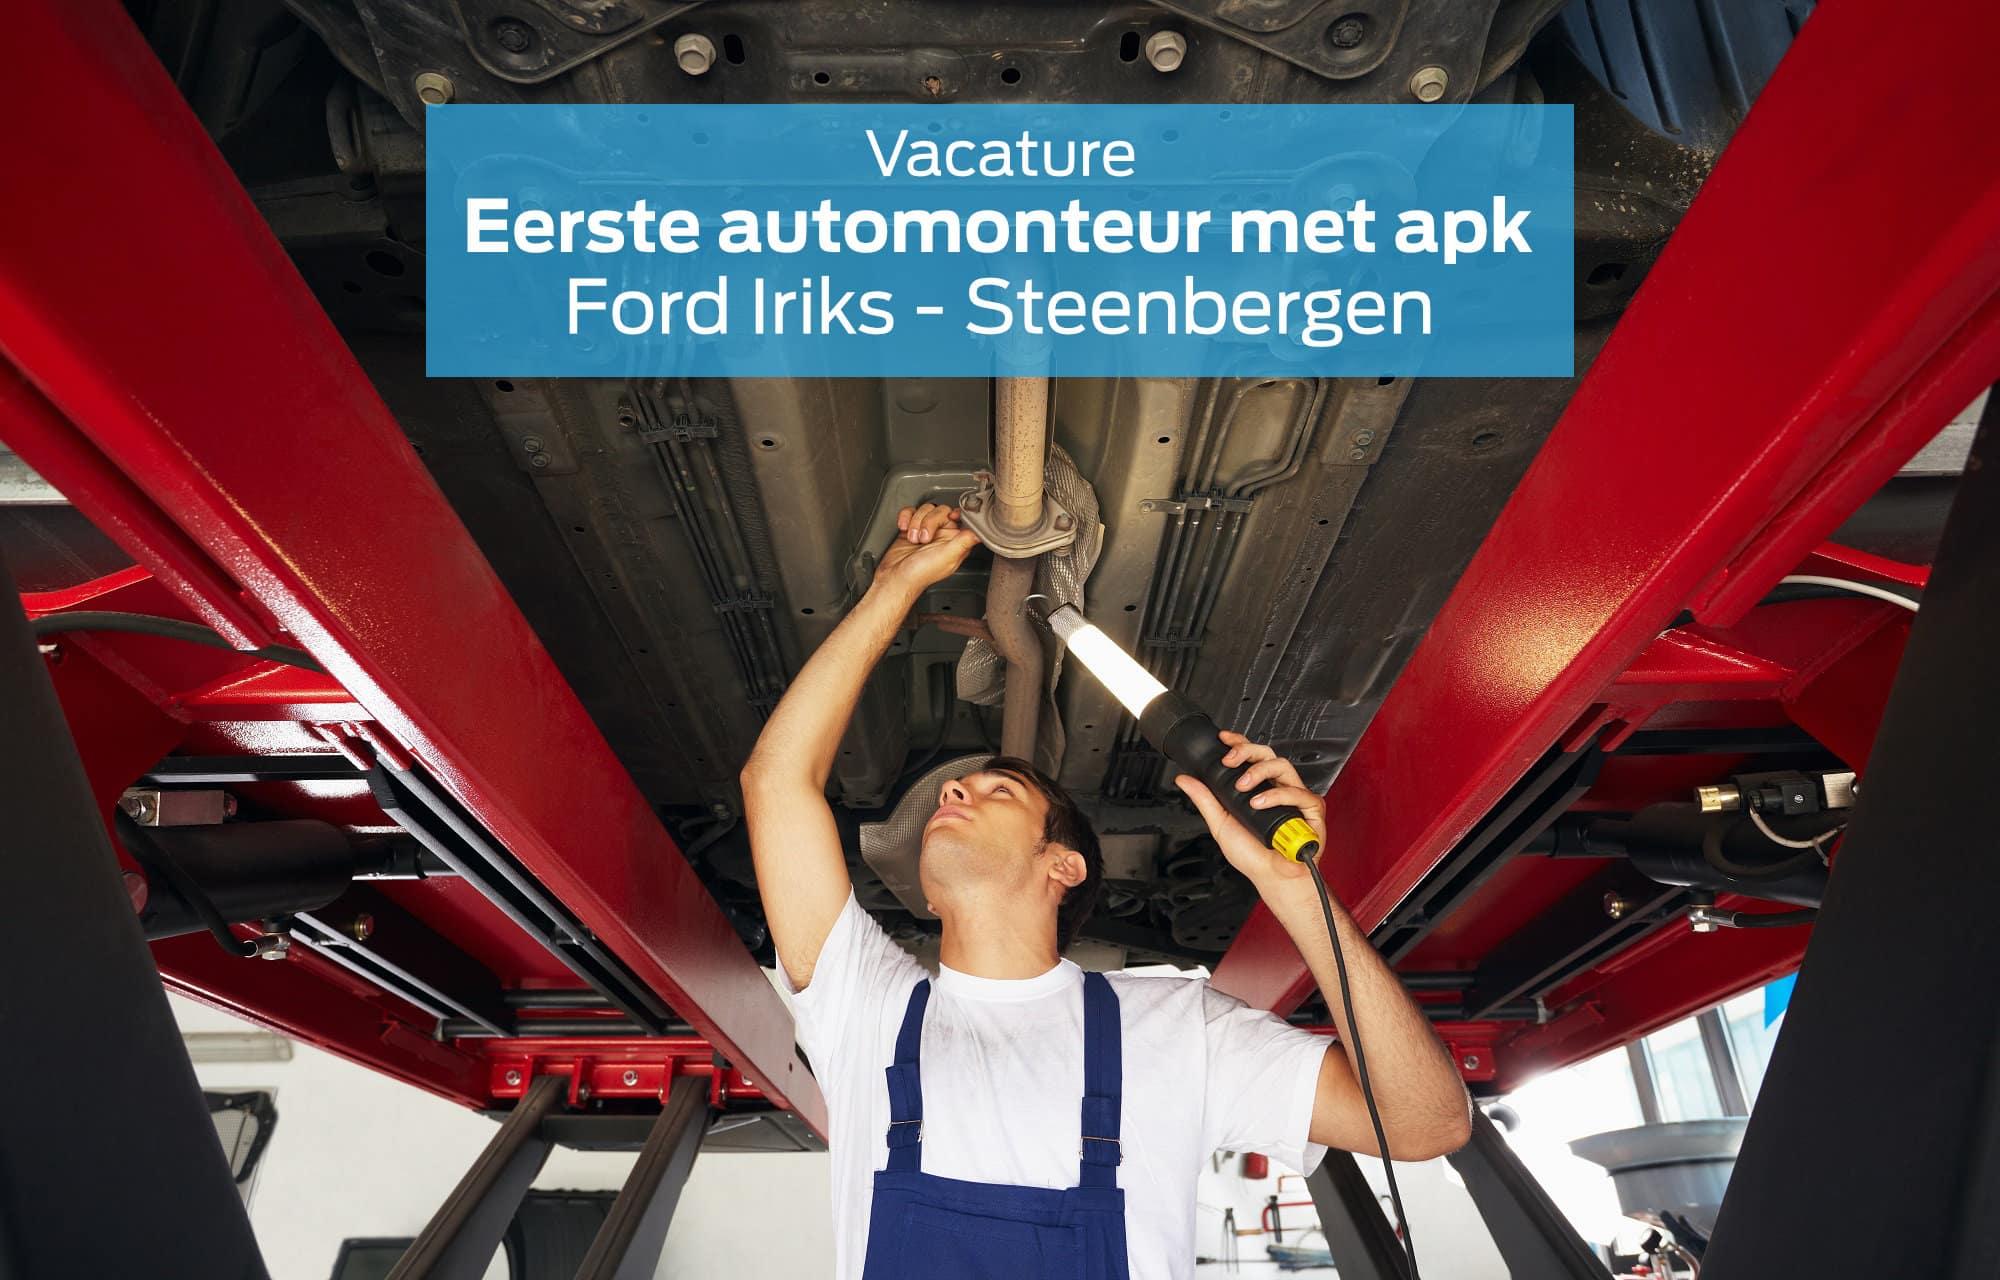 Vacature Eerste Automonteur met APK in Steenbergen